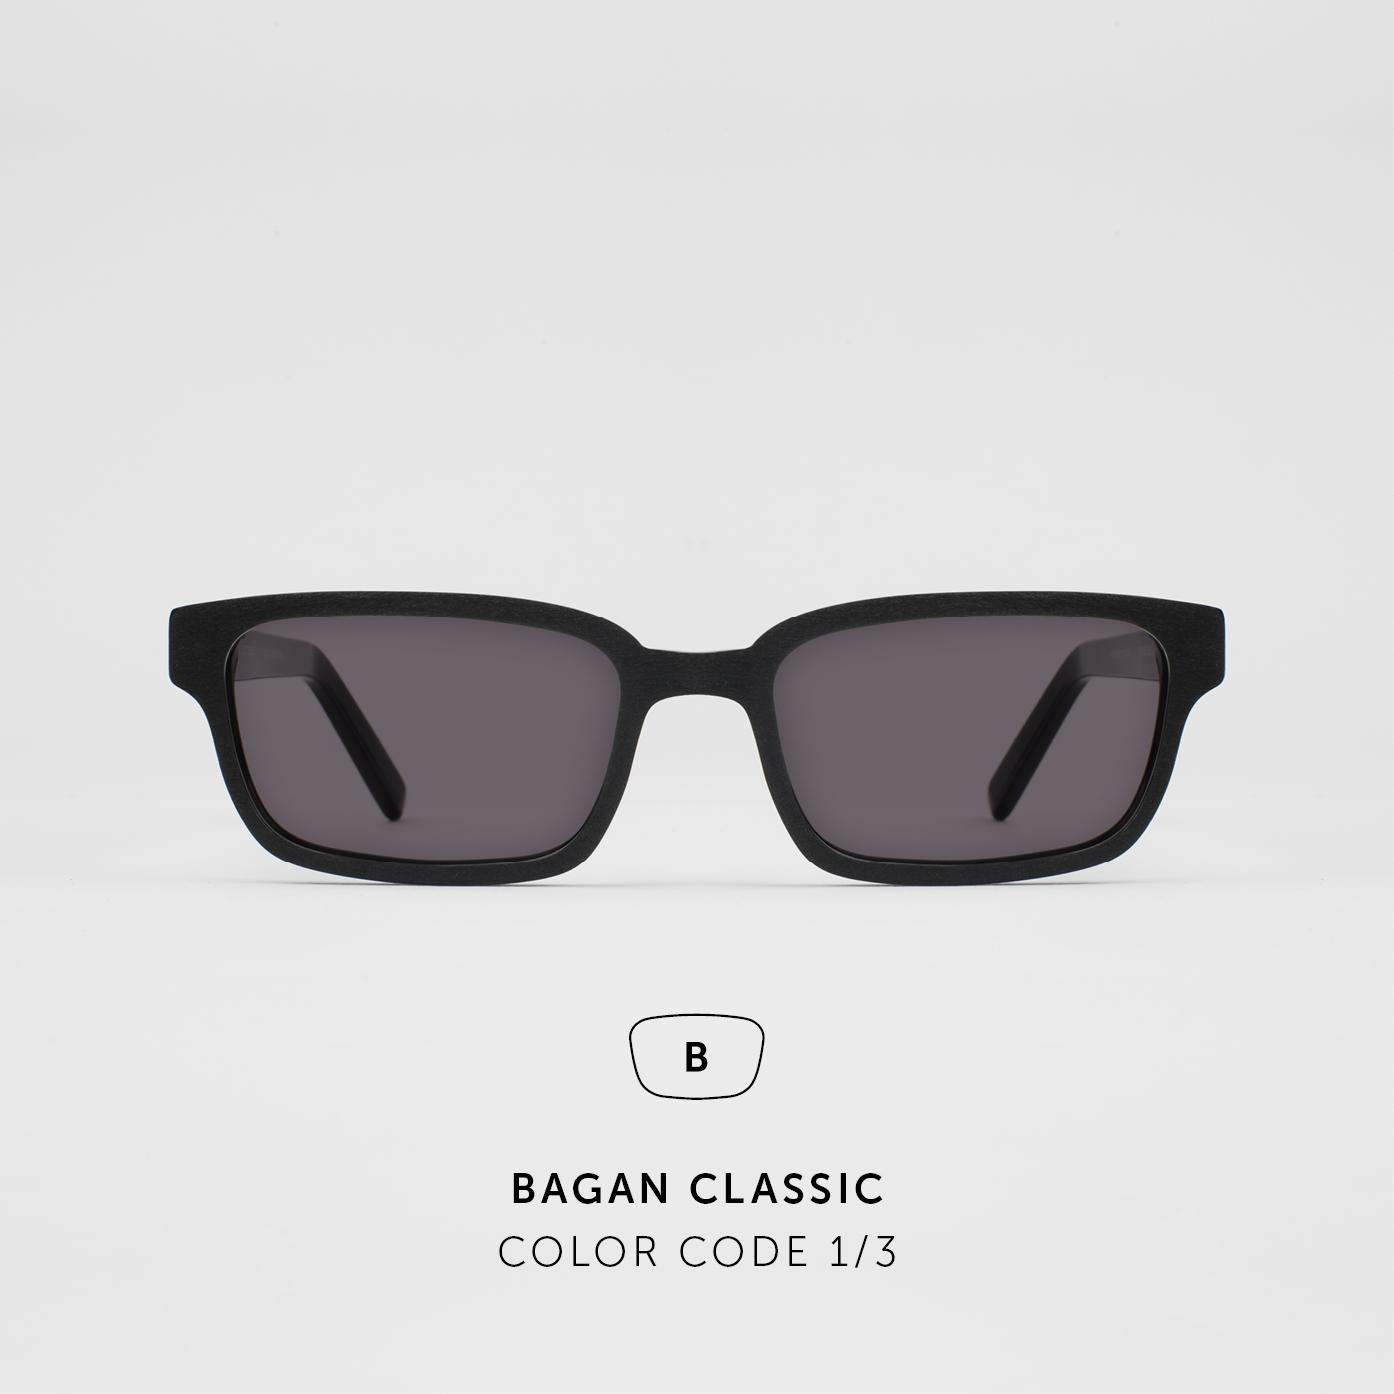 BaganClassic8.jpg